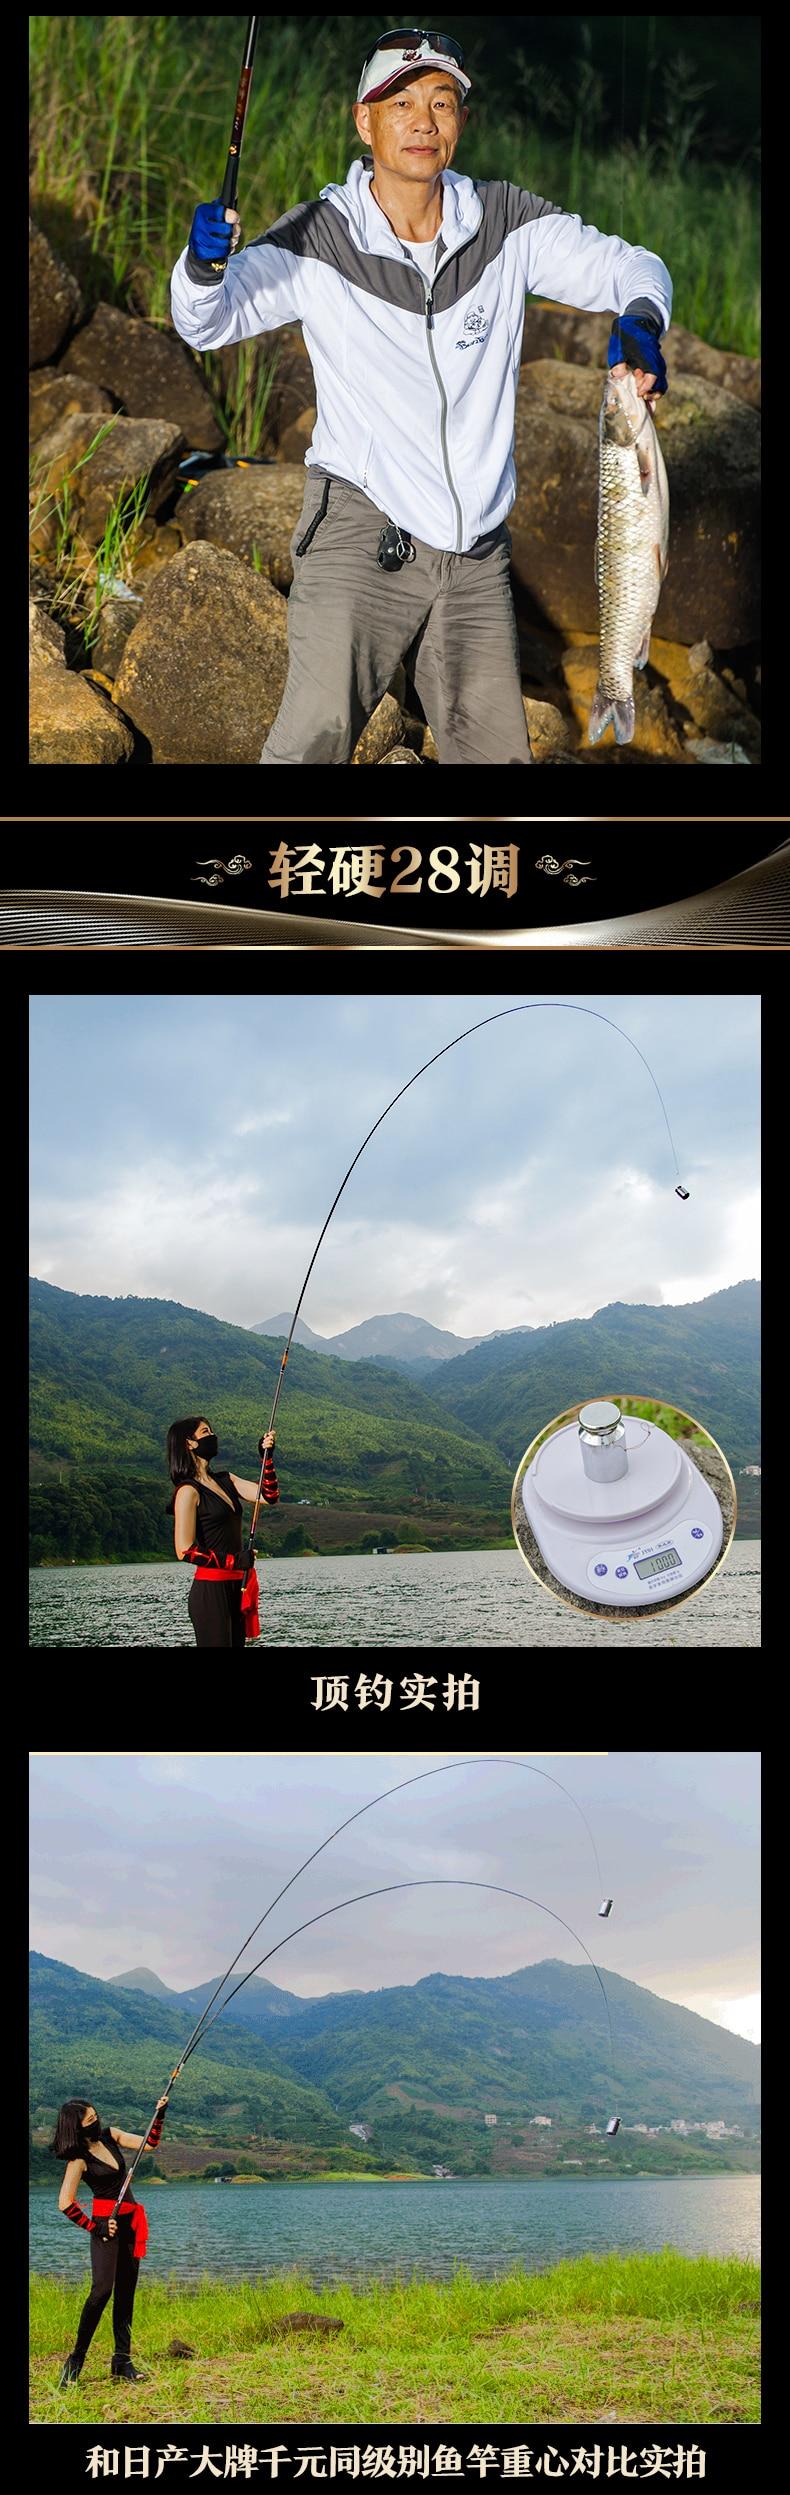 Pole2.7-9.1 m marca de Mão Vara De Pesca olta